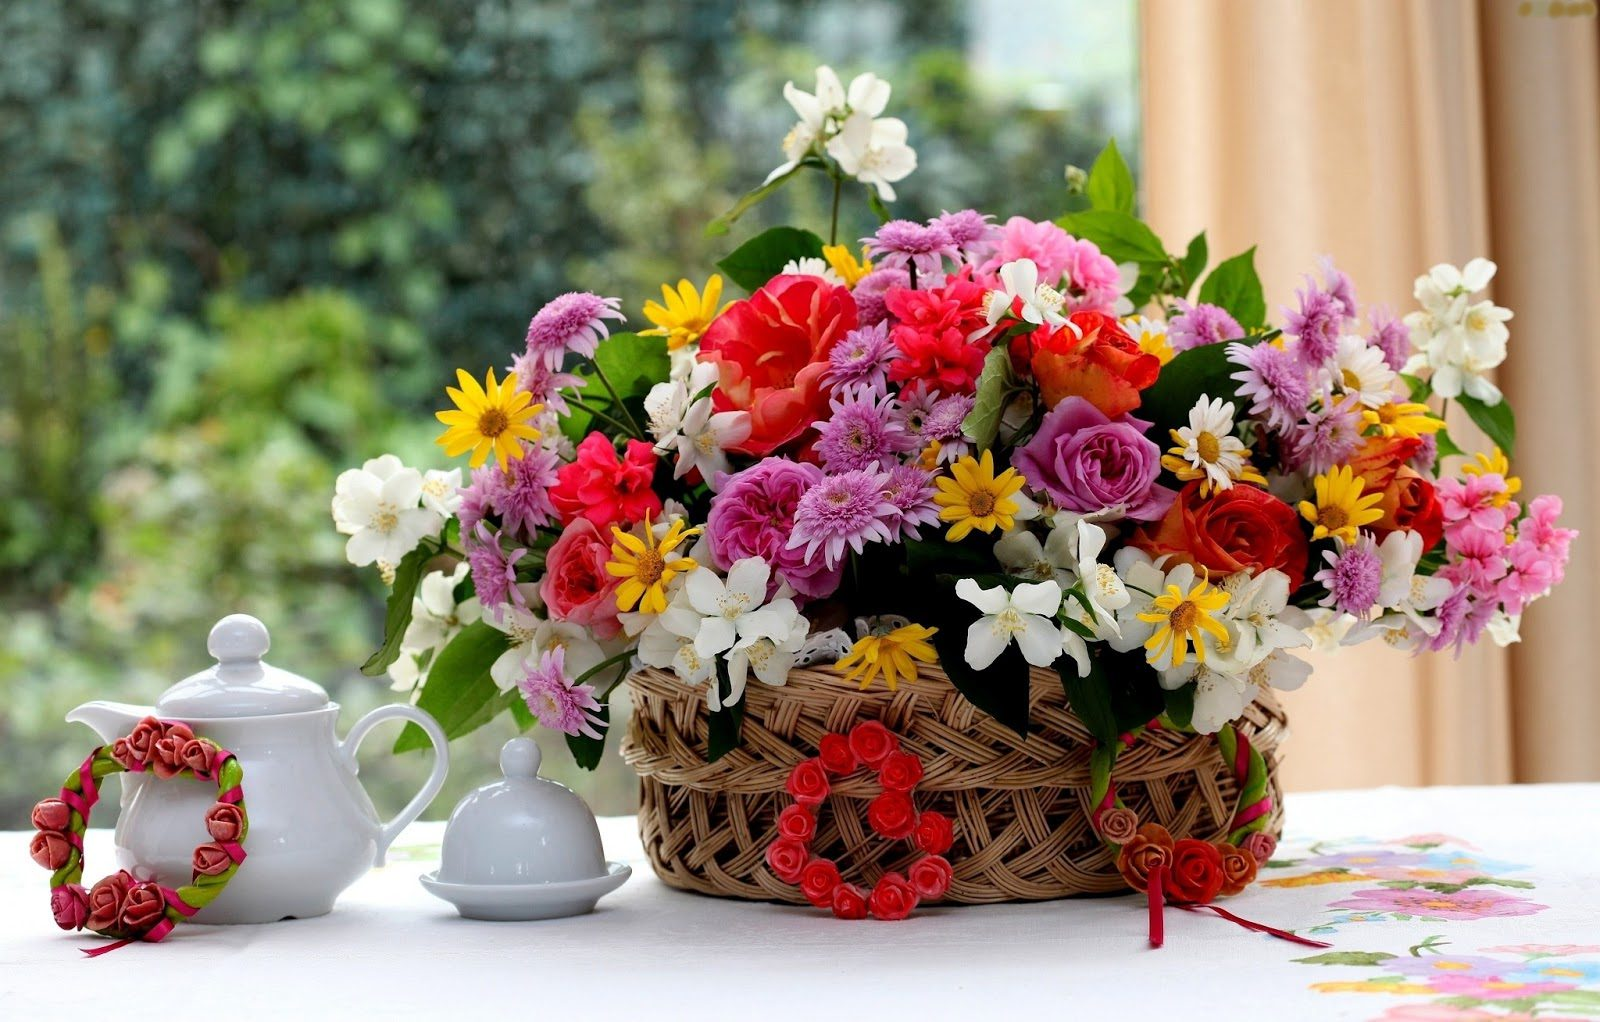 buketi-cvetov-10.jpg